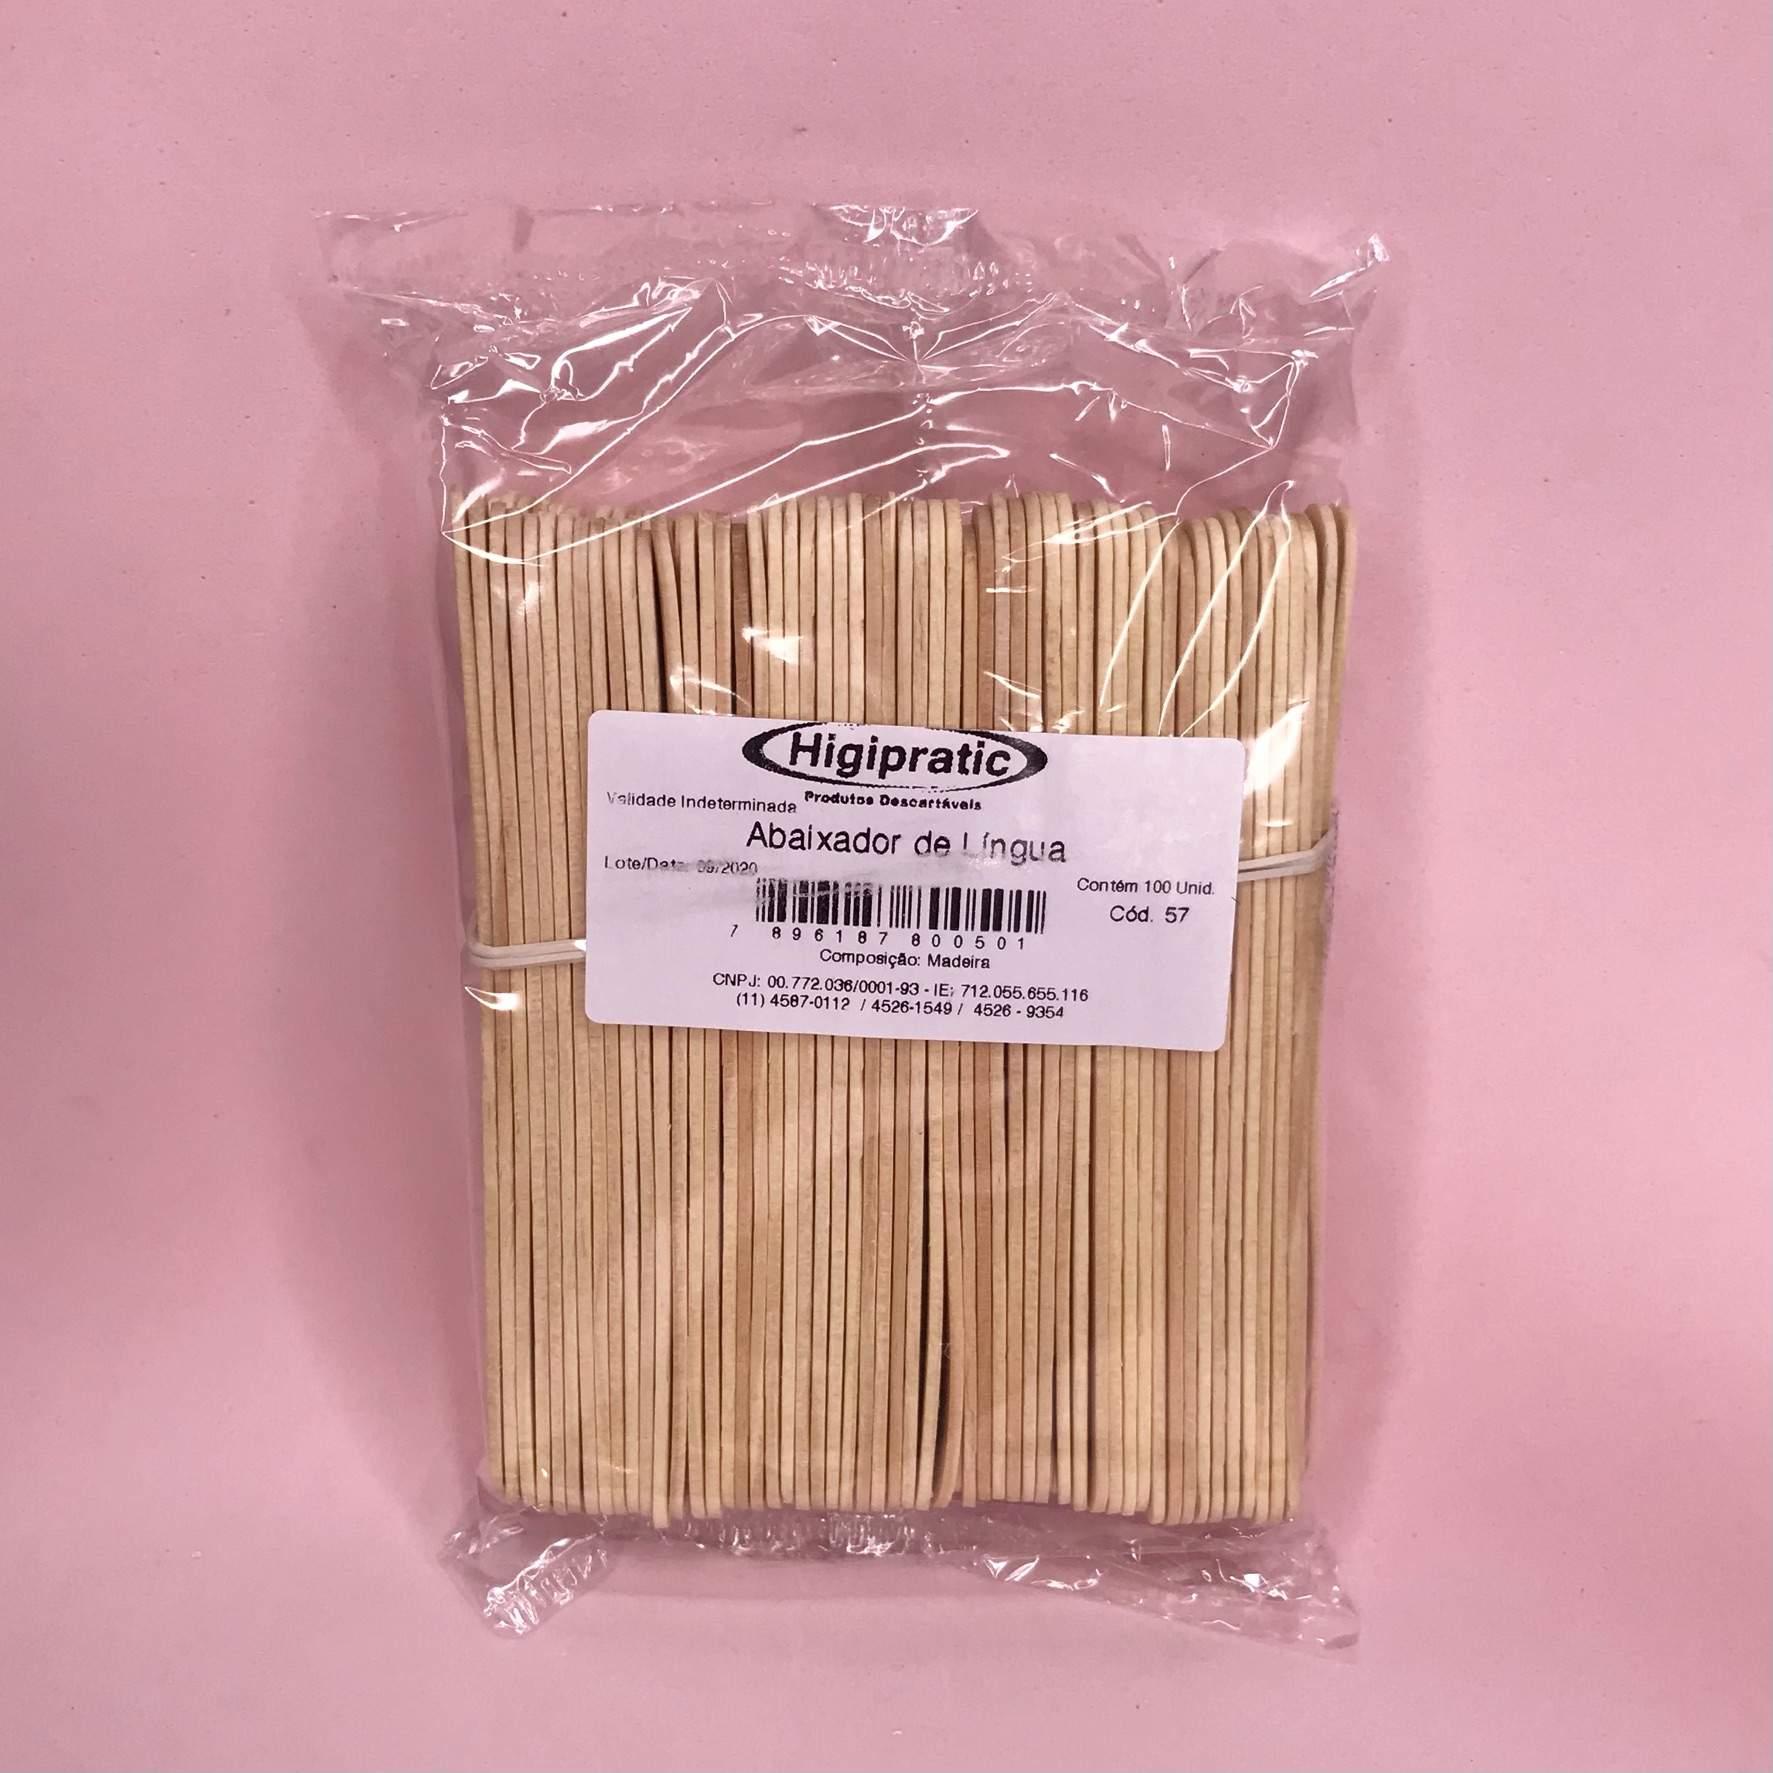 Palito abaixador de língua madeira higipratic - 100 unidades